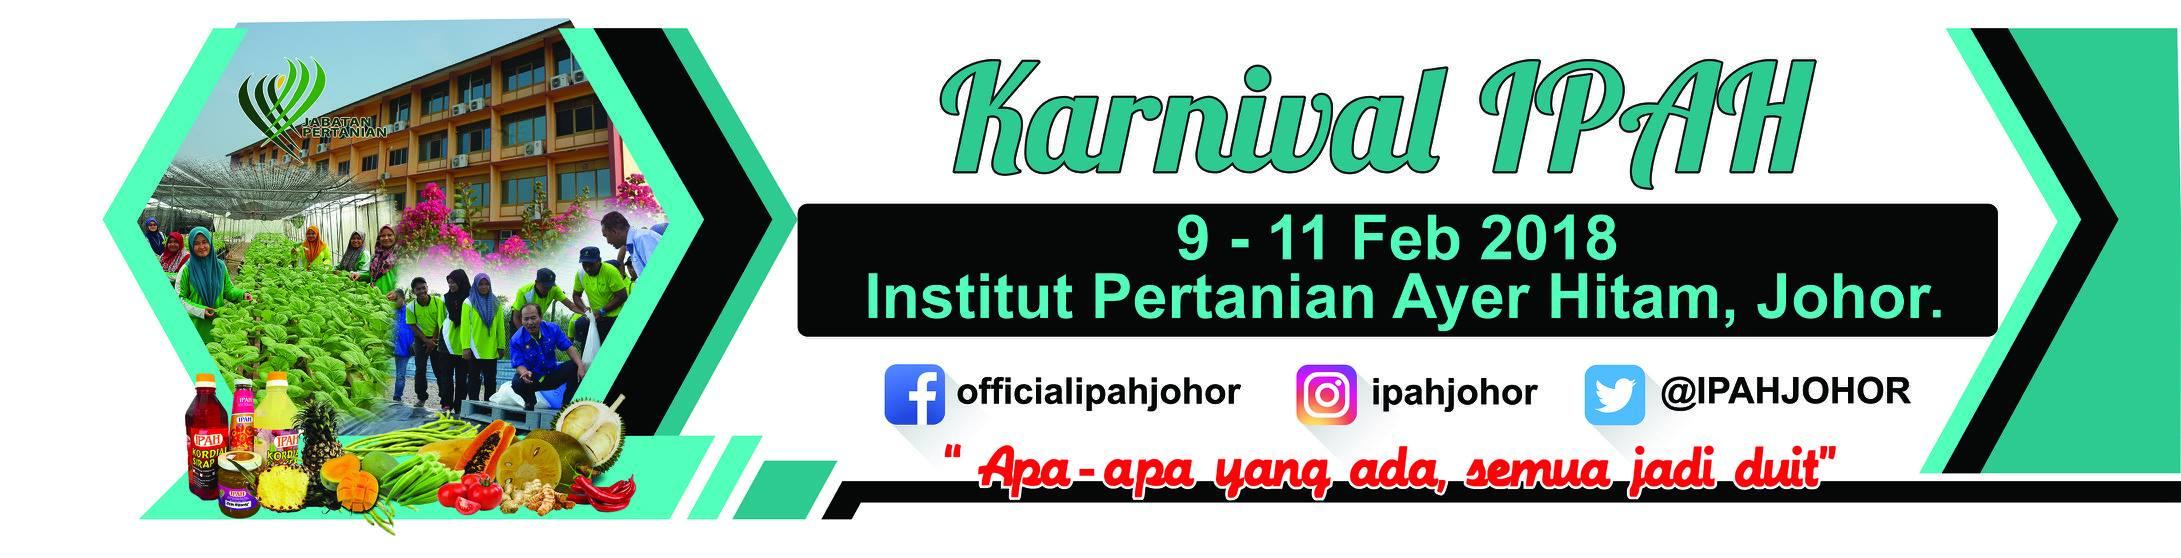 Karnival Institut Pertanian Ayer Hitam (IPAH) Johor | 9 – 11 Feb 2018